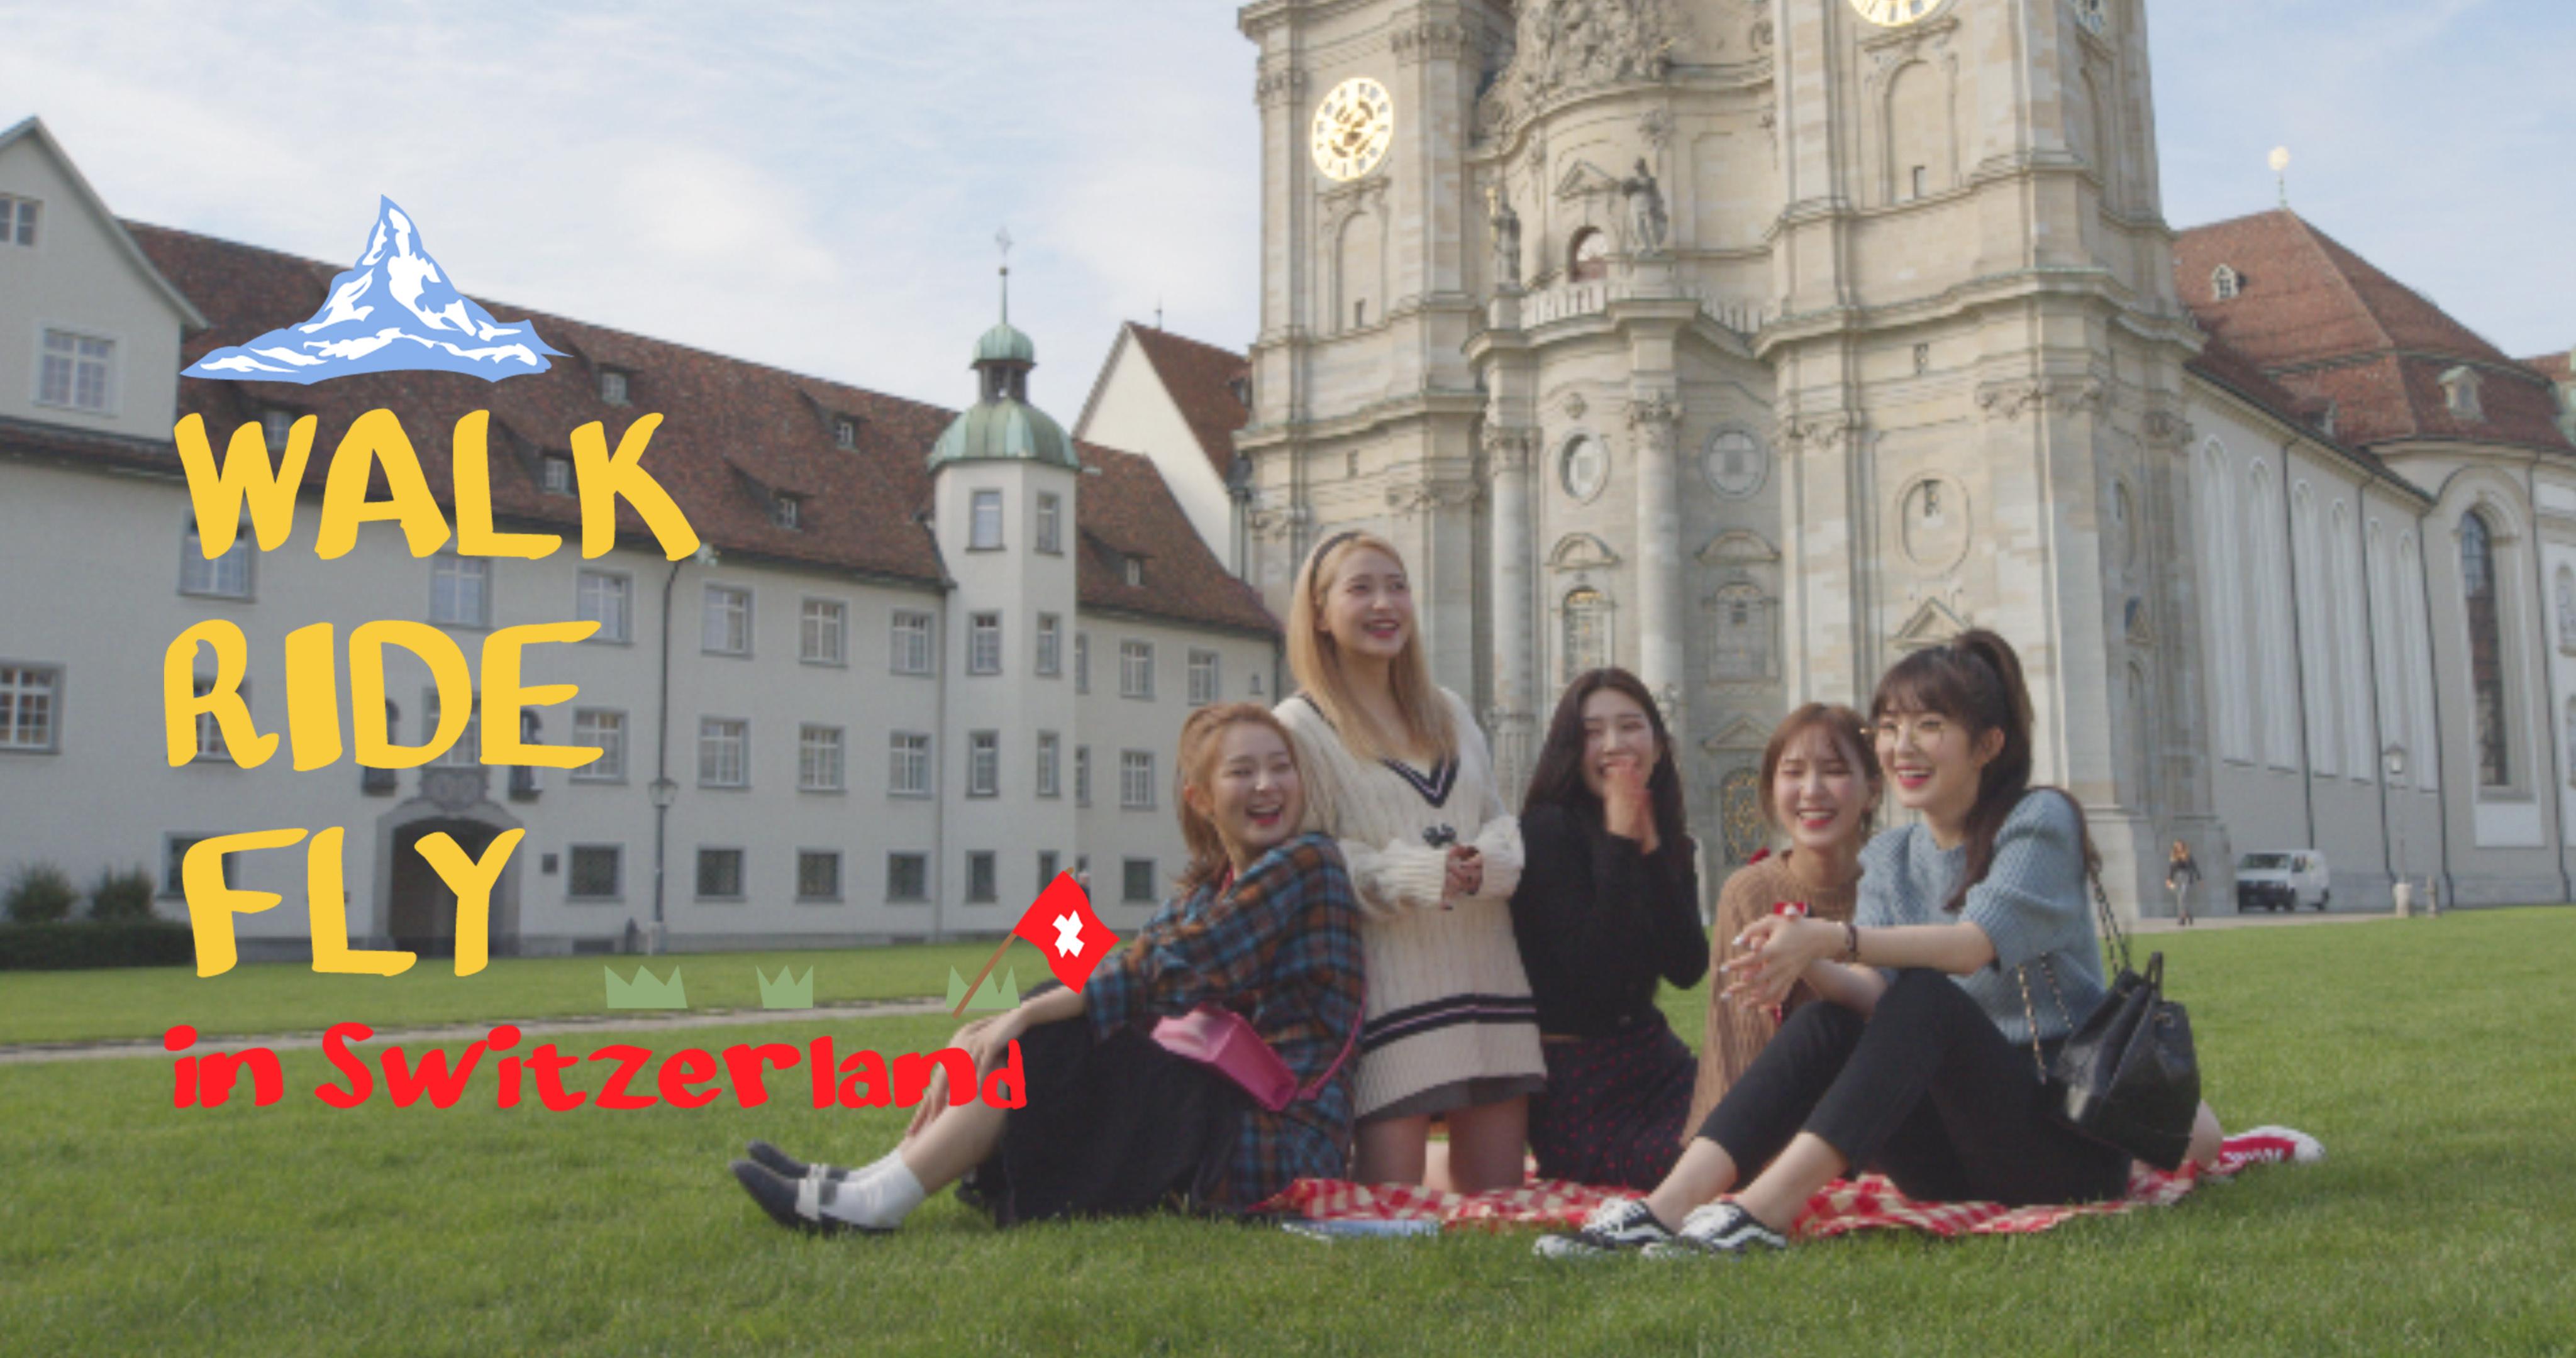 걷고🚶♀타고🚞맛보고🥐즐기고🥂|Walk, Ride, Fly with Red Velvet EP.1